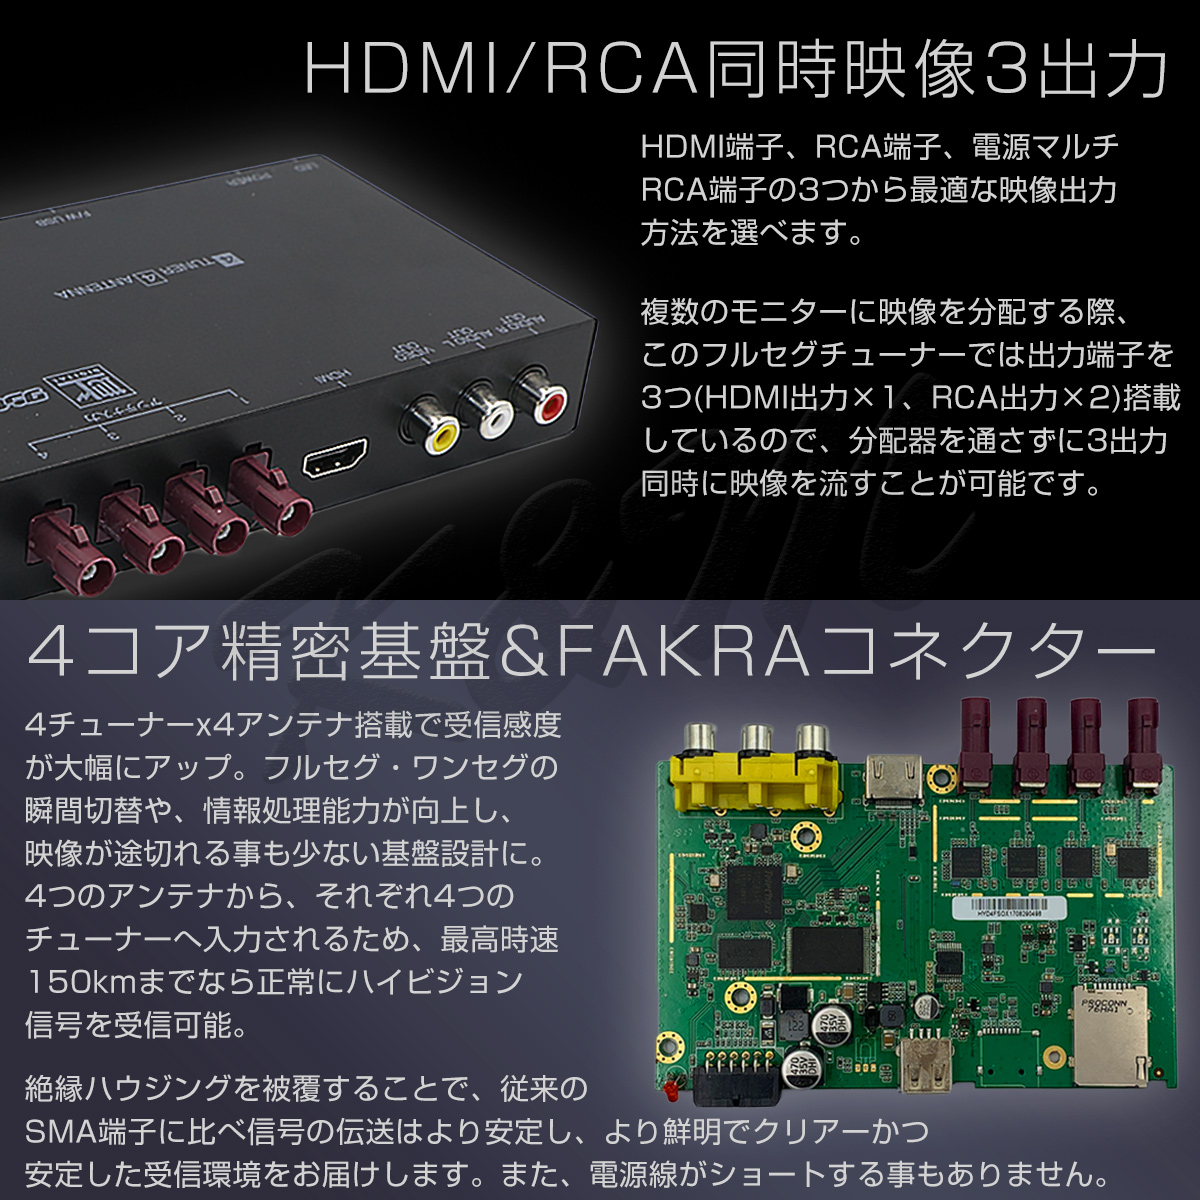 地デジチューナー フルセグ ワンセグ HDMI FAKRAコネクター 4チューナー 4アンテナ 自動切換 150km/hまで受信 高画質 古い車載TVやカーナビにも使える 12V/24V対応 アンテナ miniB-CASカード付き 宅配便送料無料 1年保証